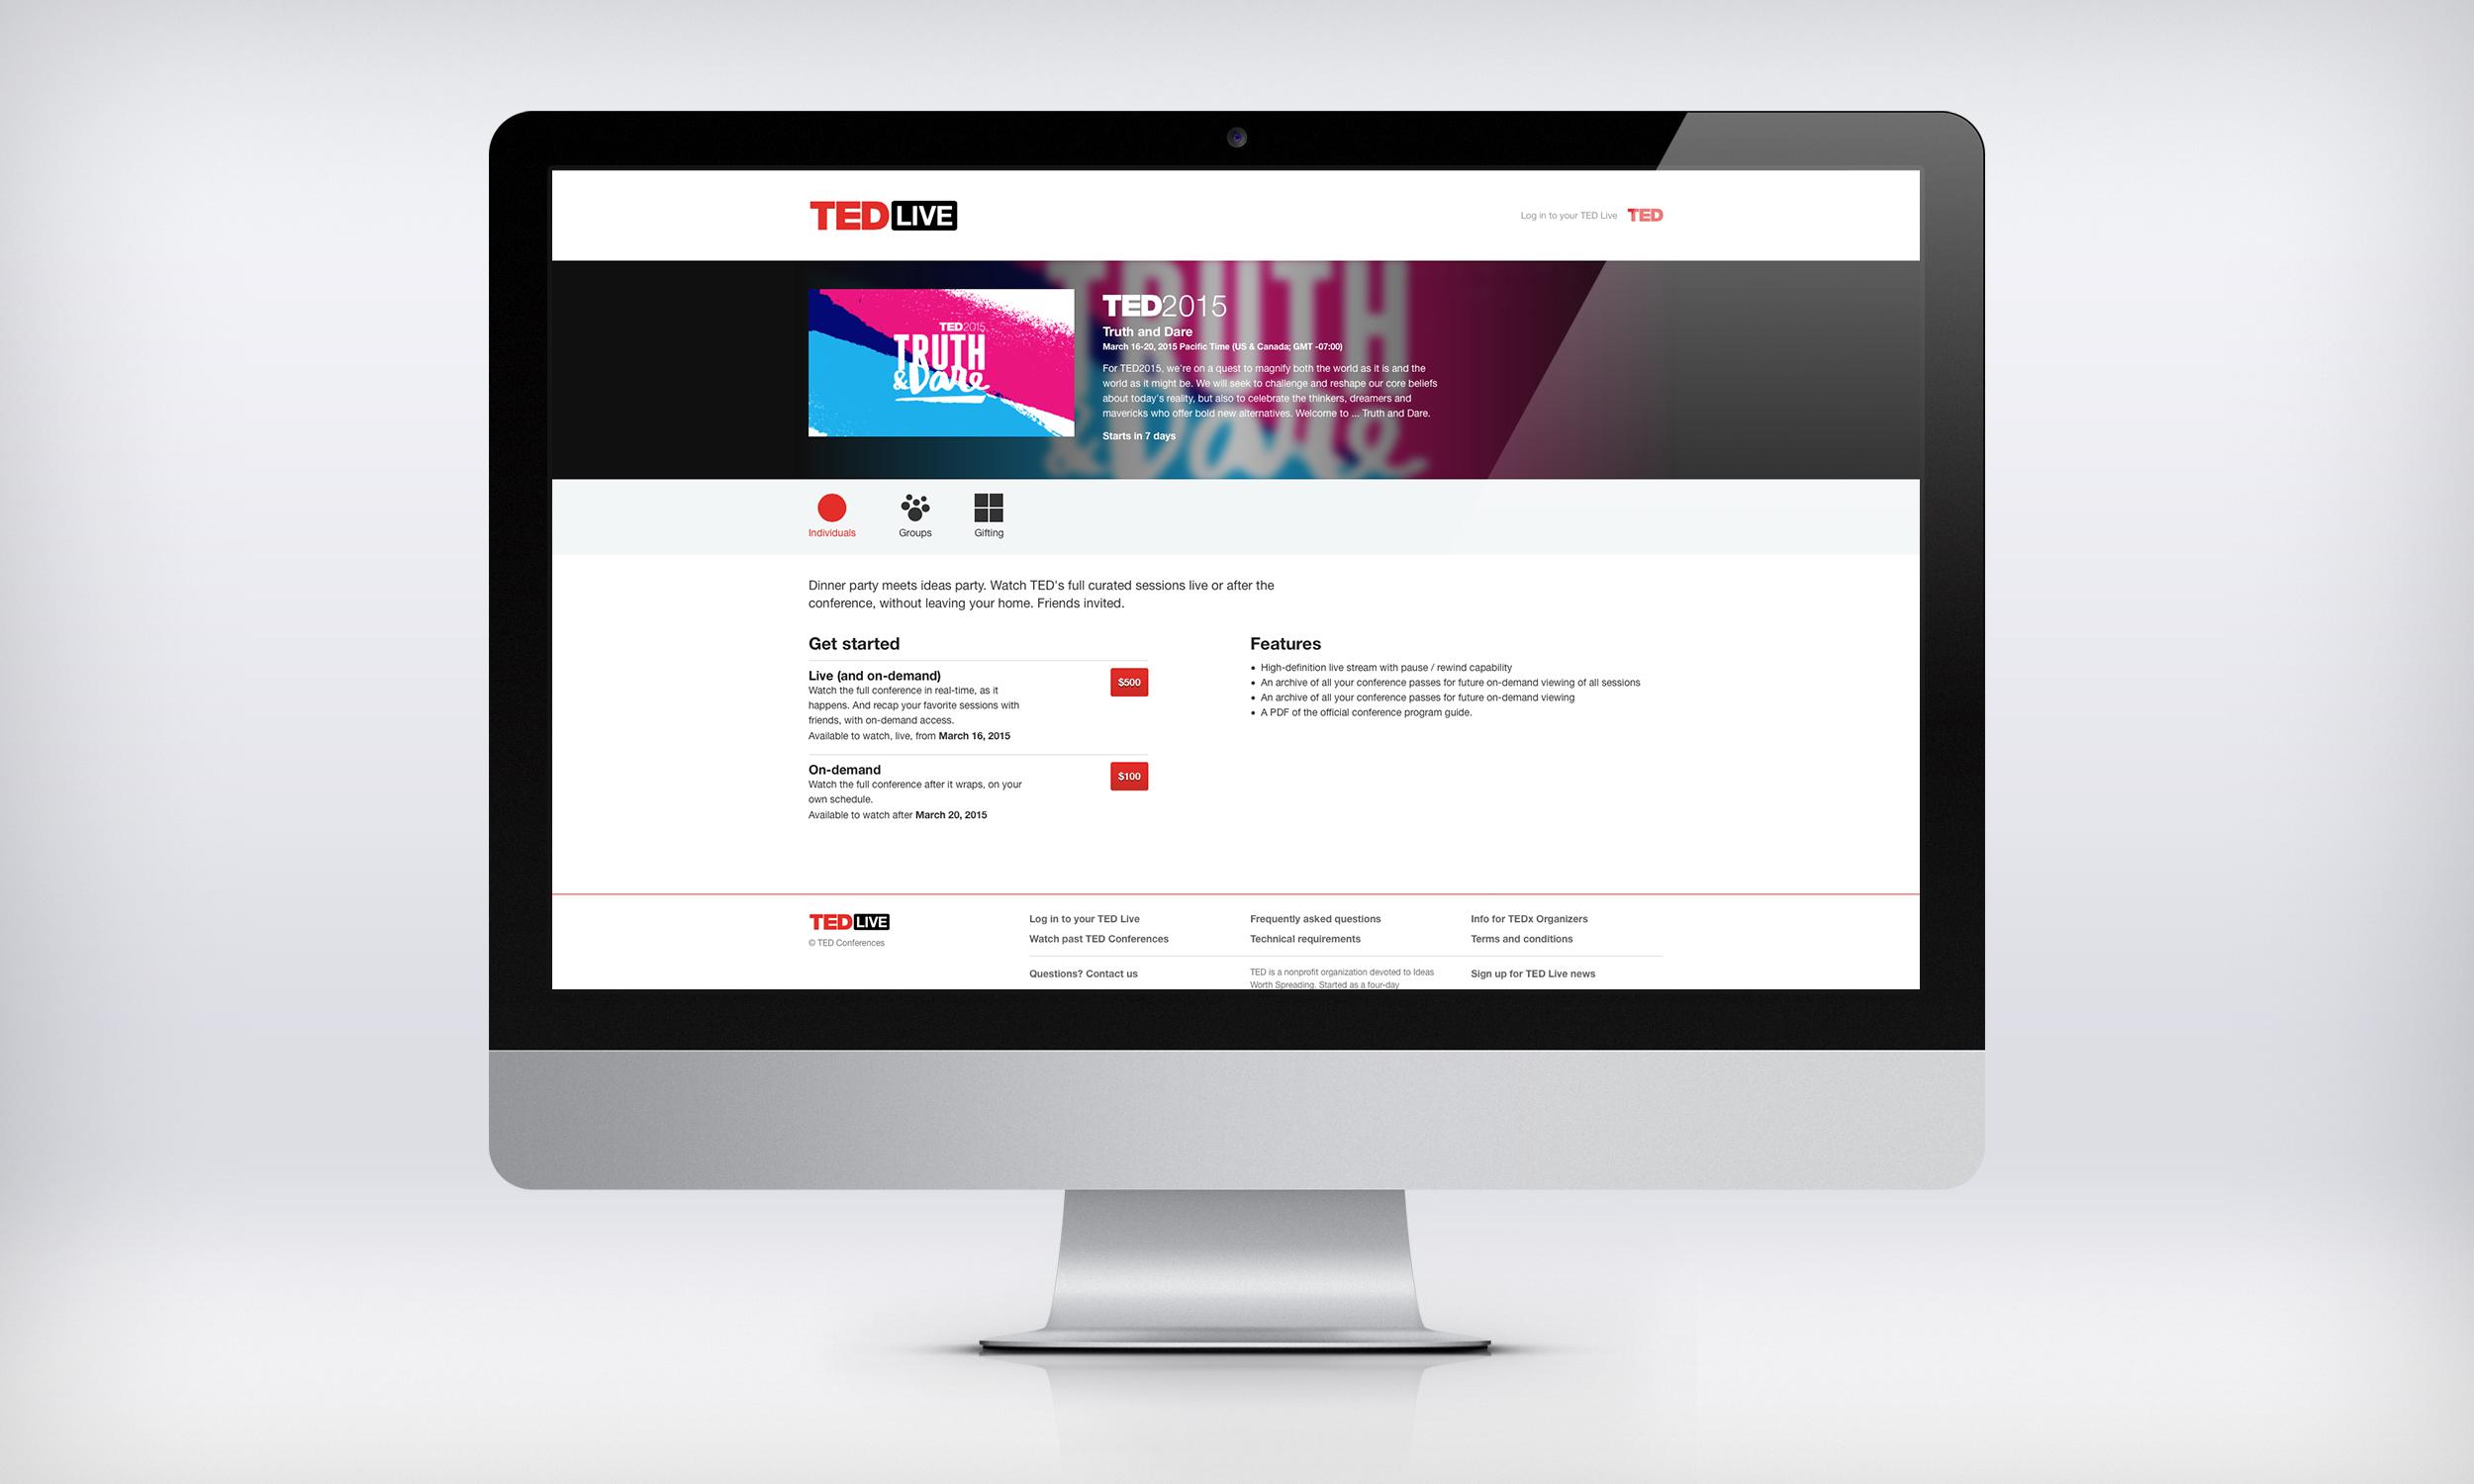 tedlive-desktop-4.jpg